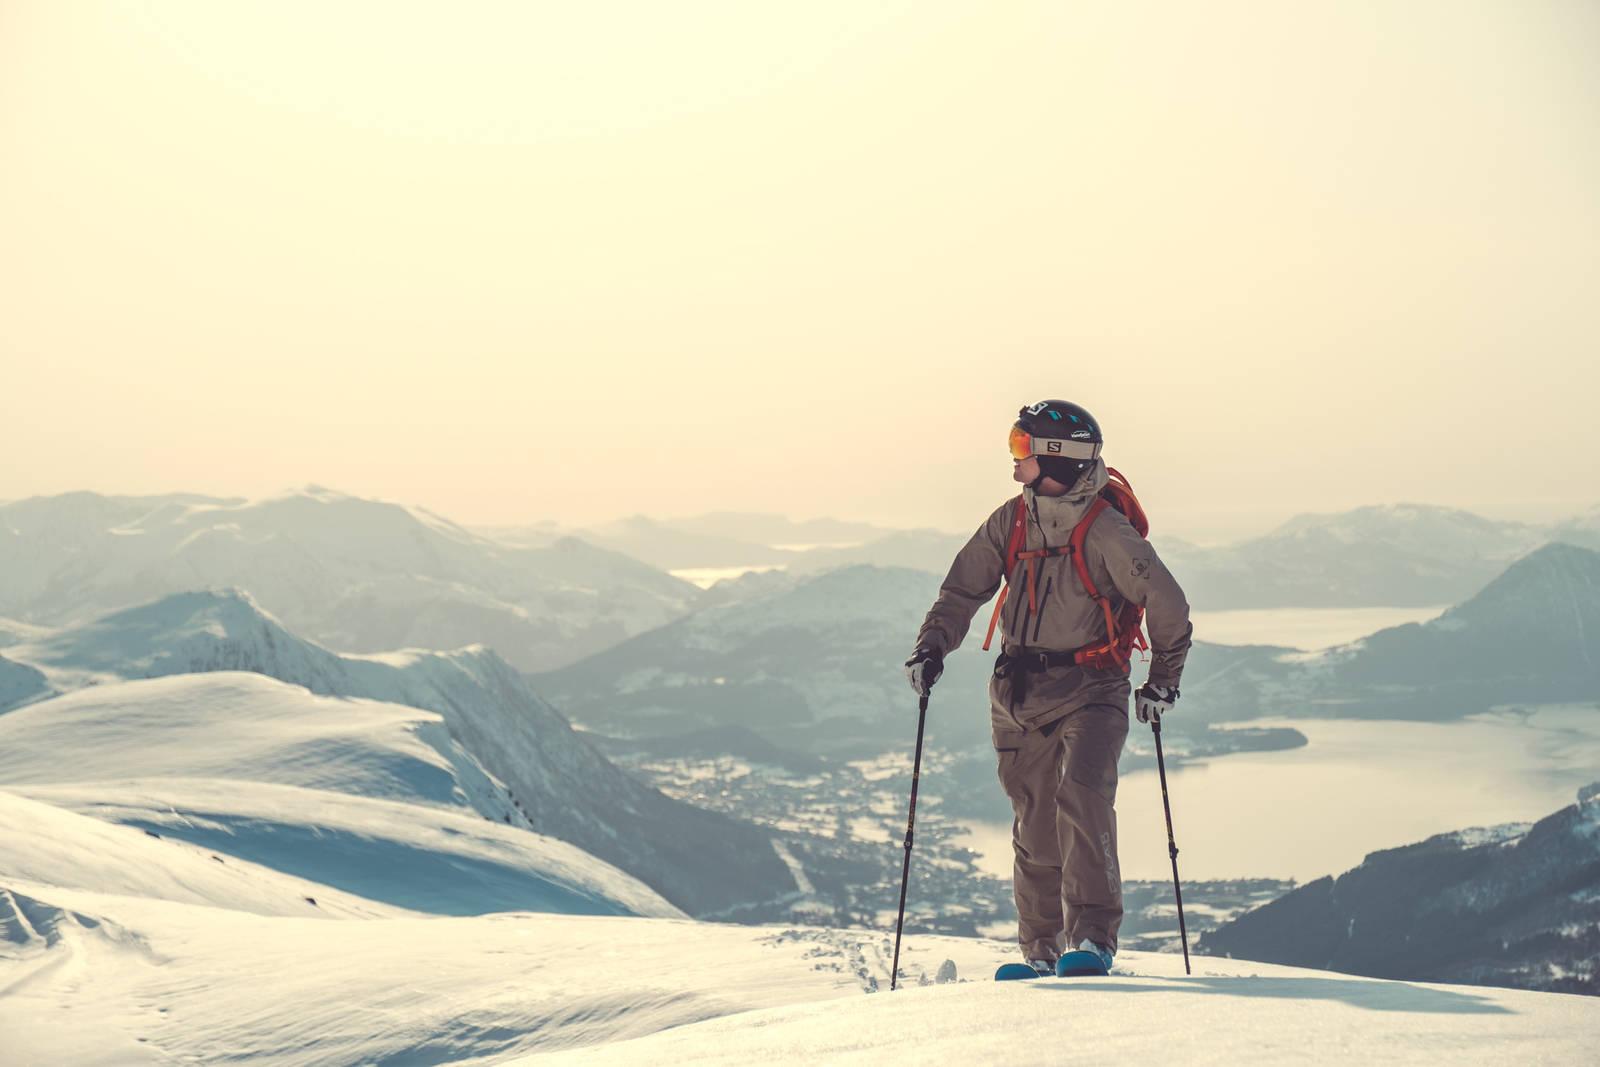 Robert Aaring bruker mye av skitiden sin utenfor skianleggene på jakt etter trygg og urørt snø. Bilde: Bård Gundersen